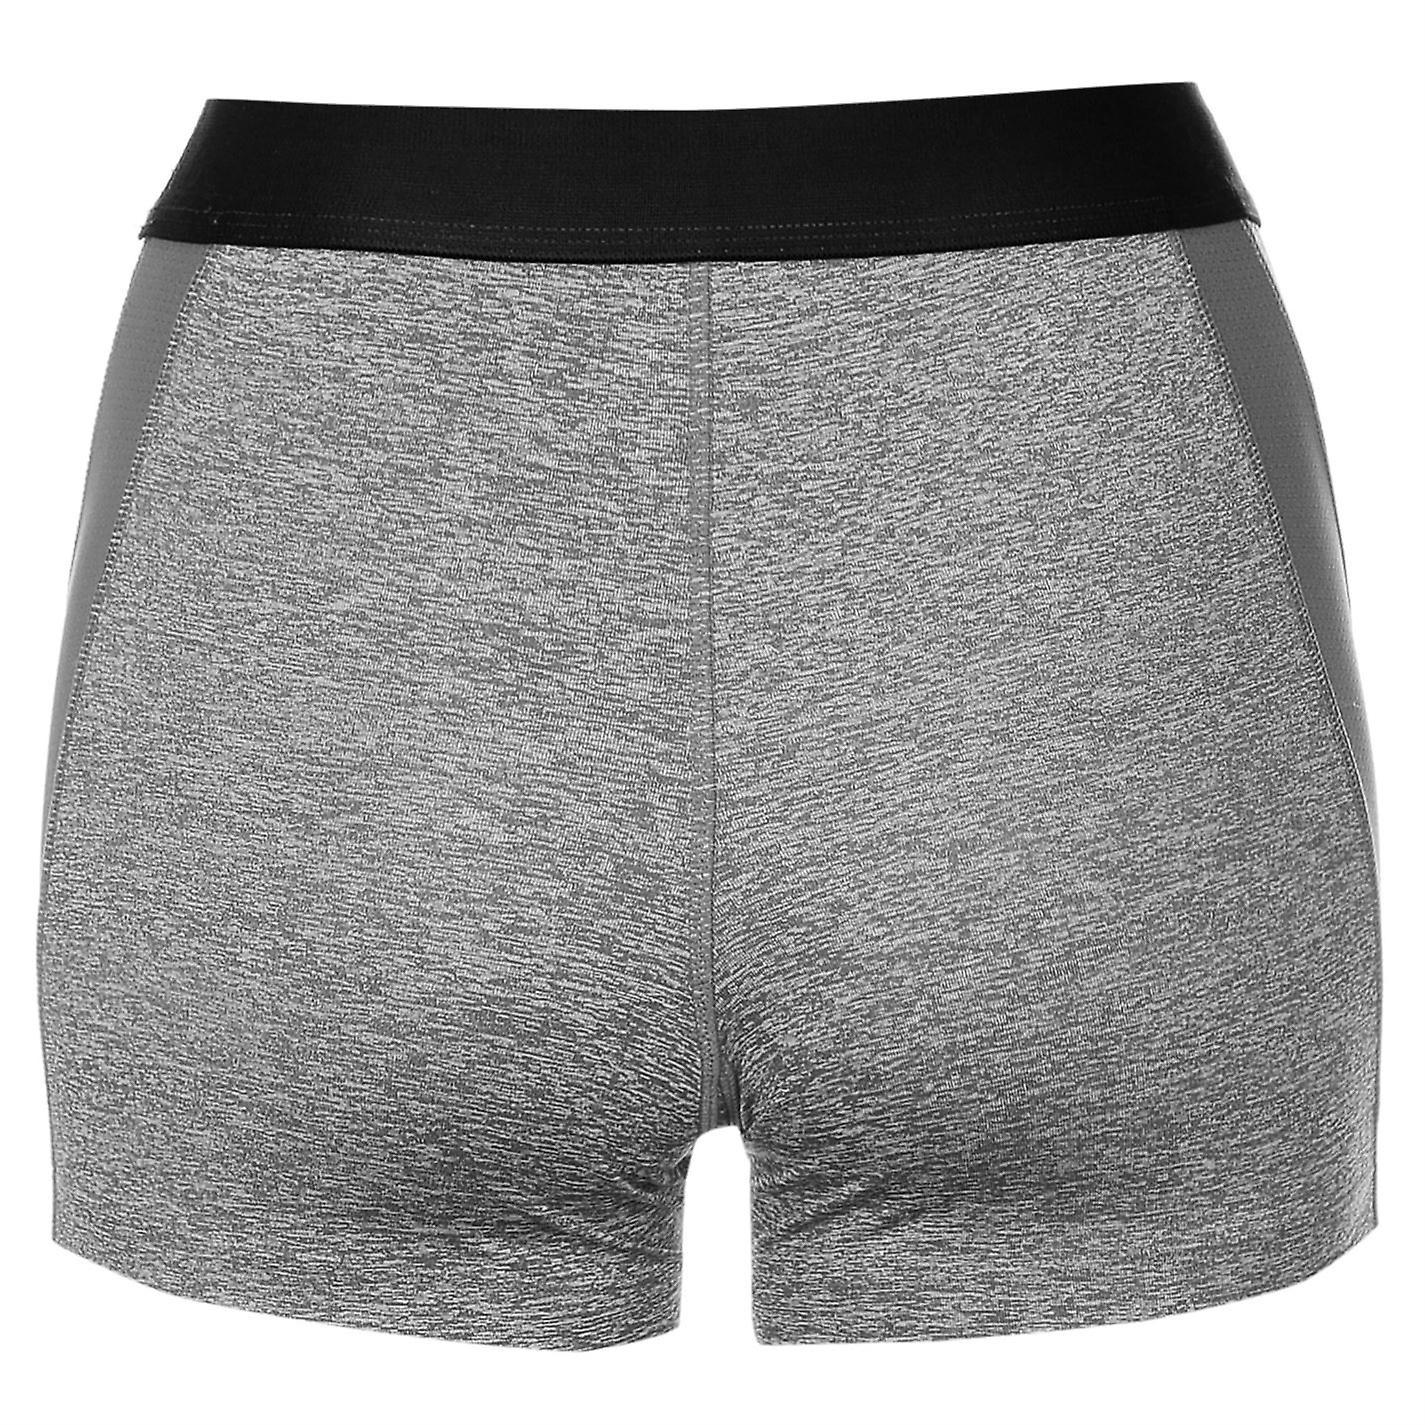 Undertøj Reebok til kvinder